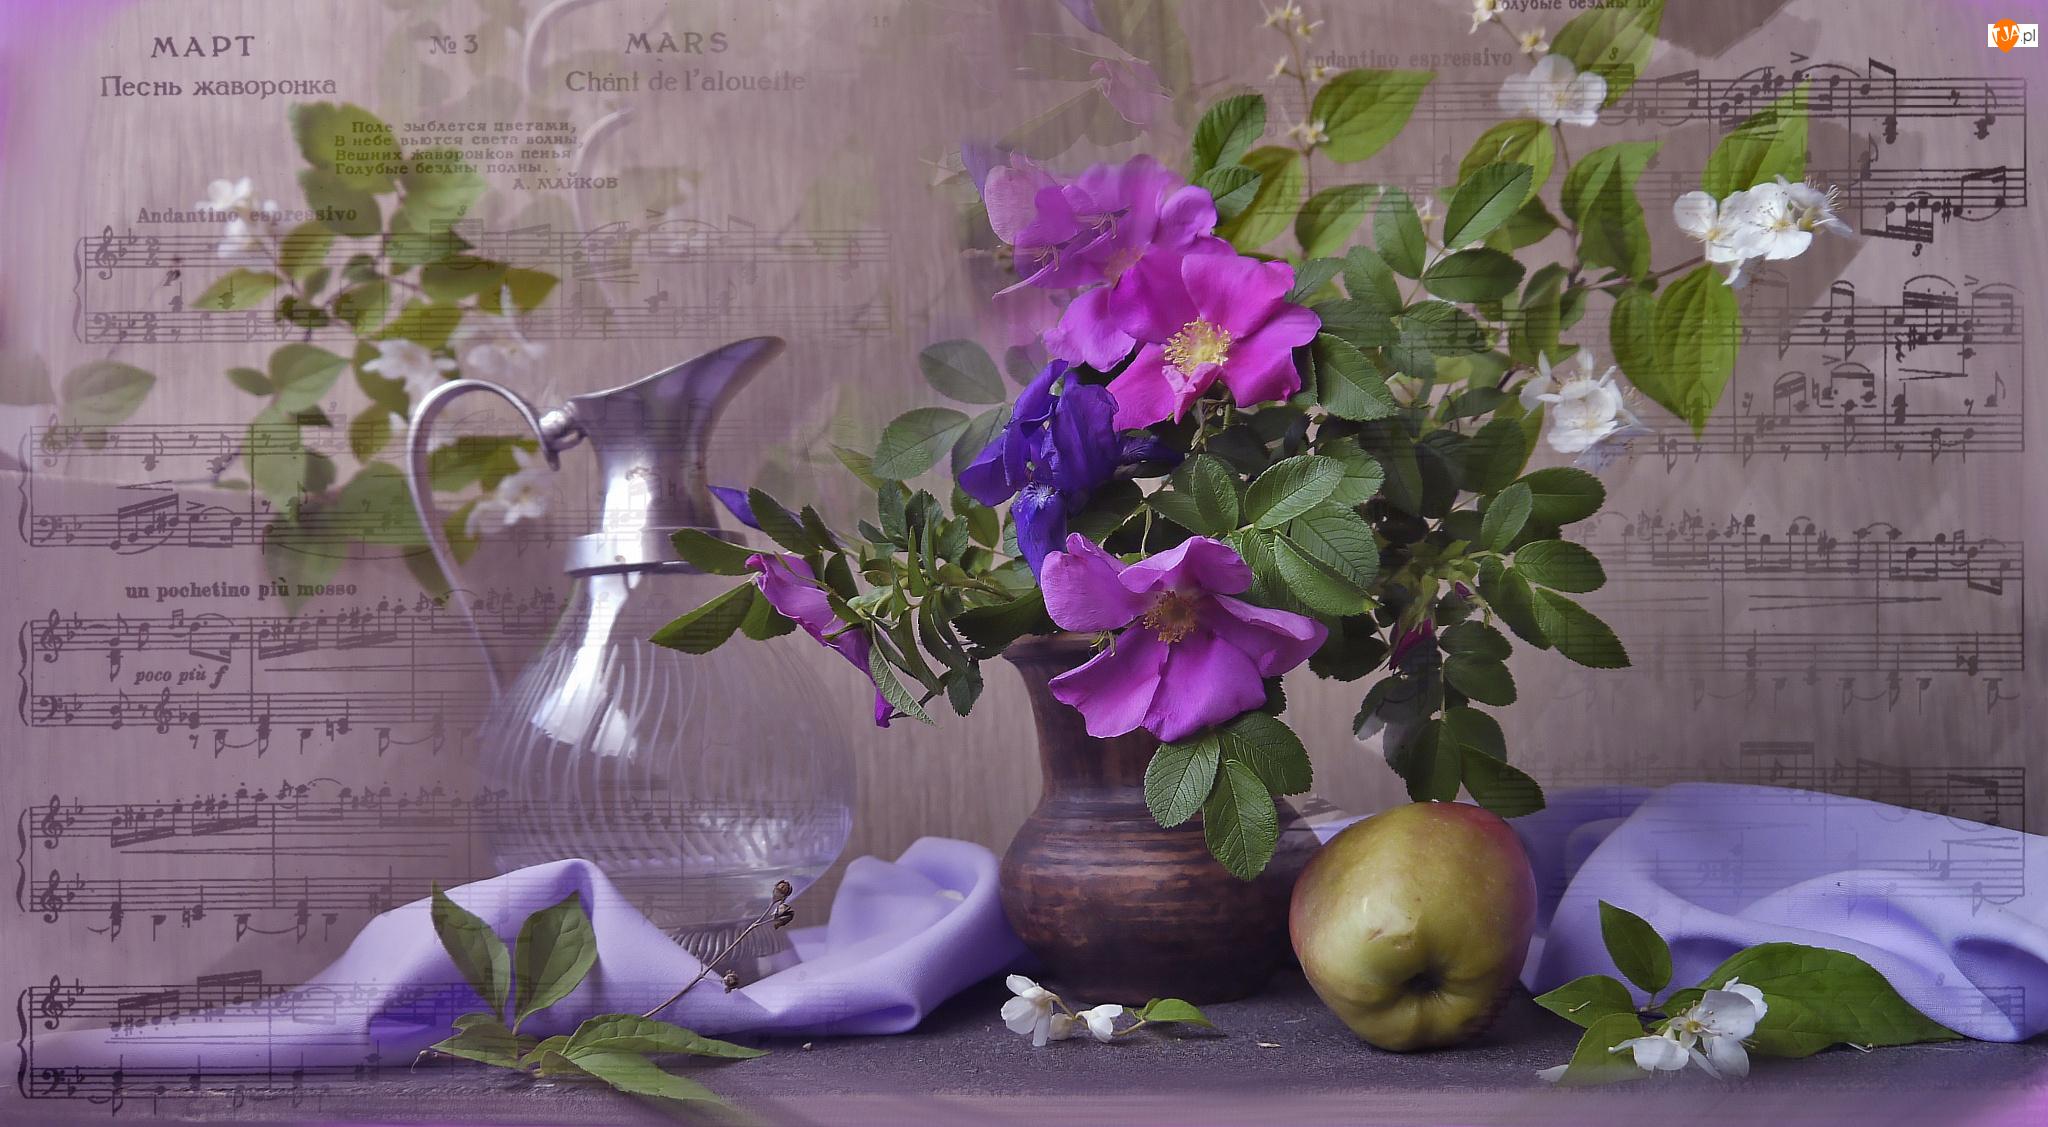 Dzika róża, Bukiet, Dzban, Kwiaty, Szklany, Nuty, Jabłko